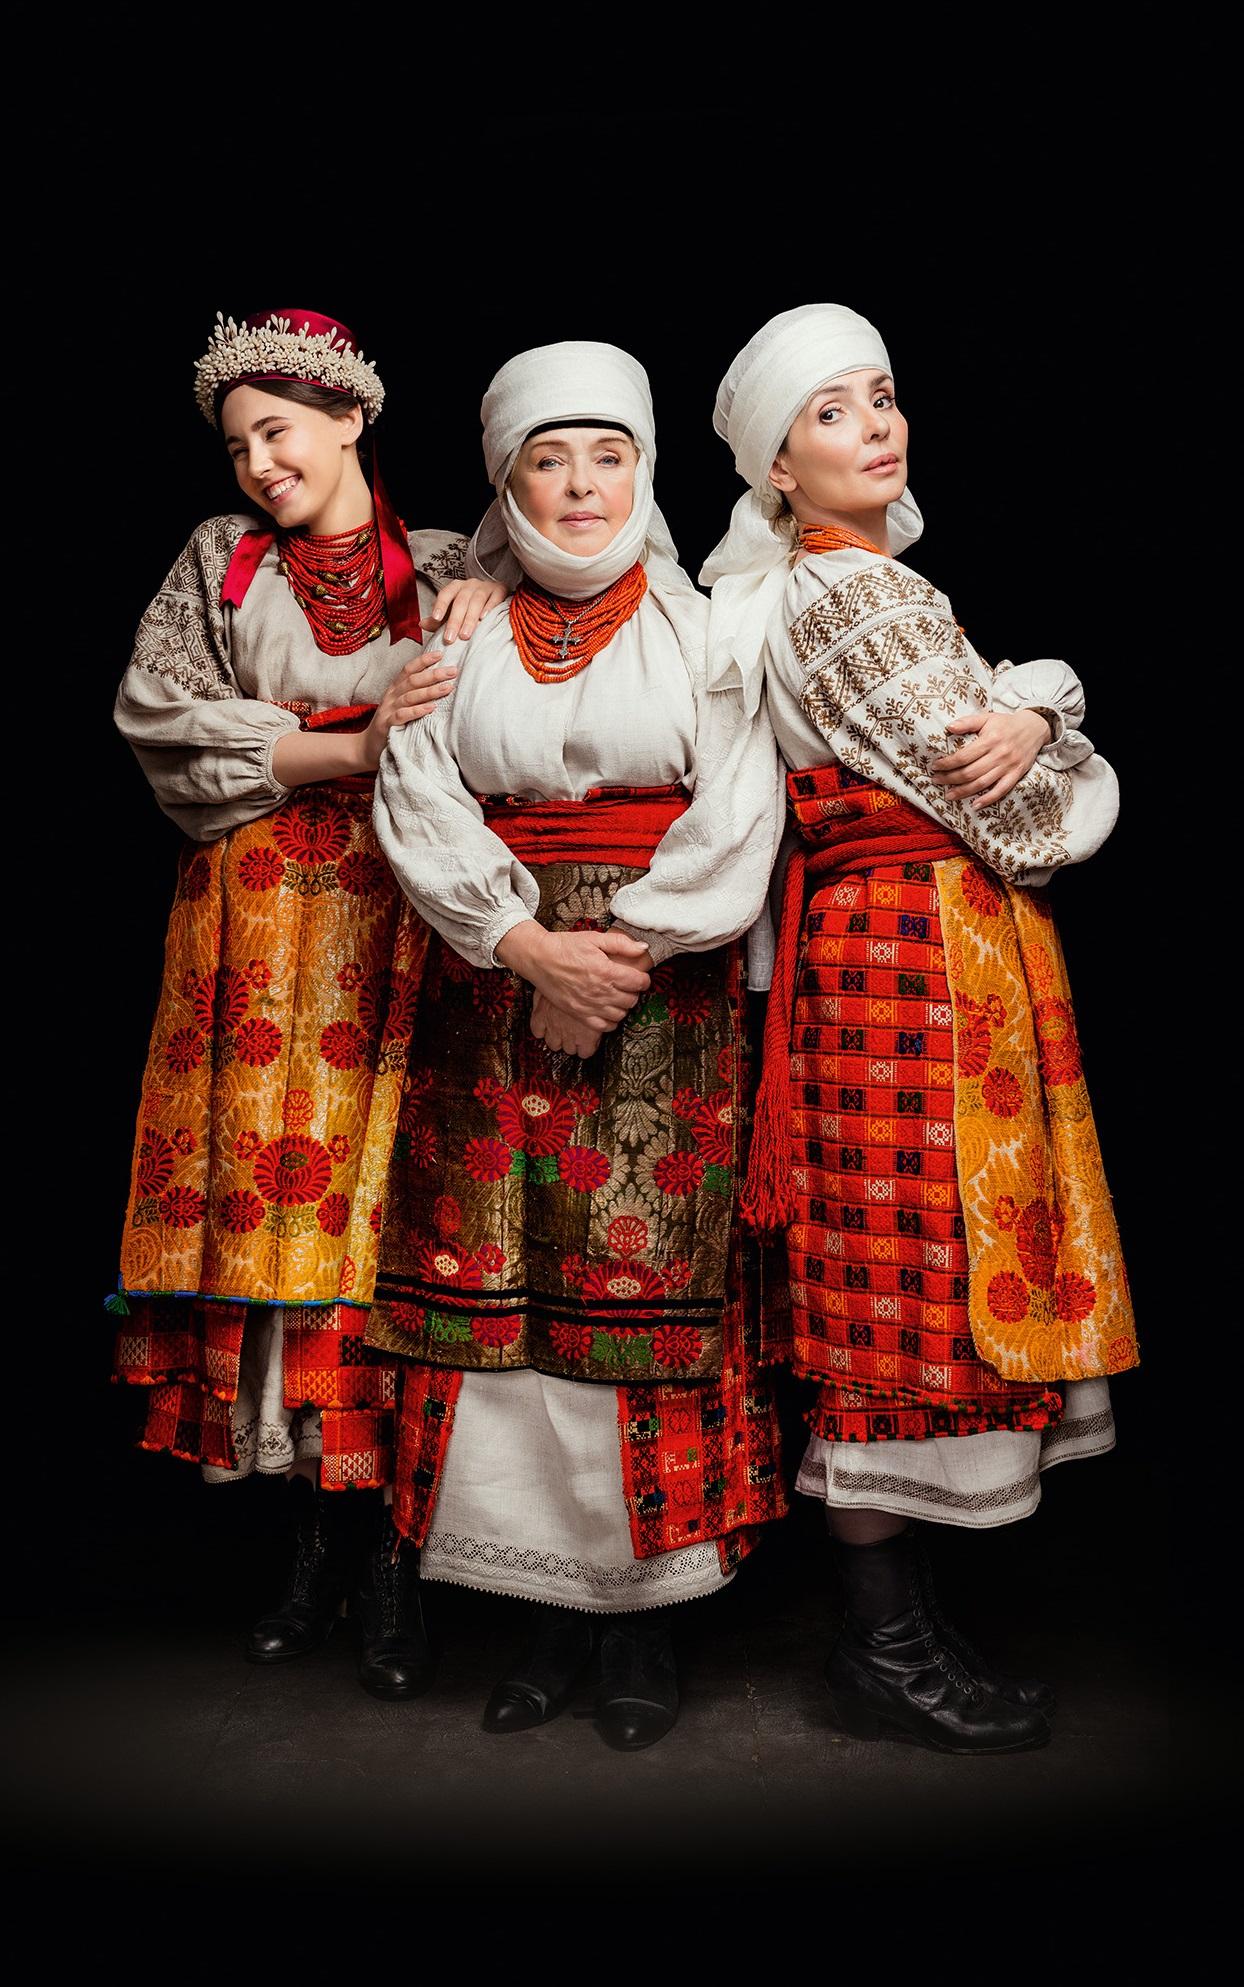 Кароль, Фреймут, Єфросиніна вбралися у розкішне українське вбрання - фото 8